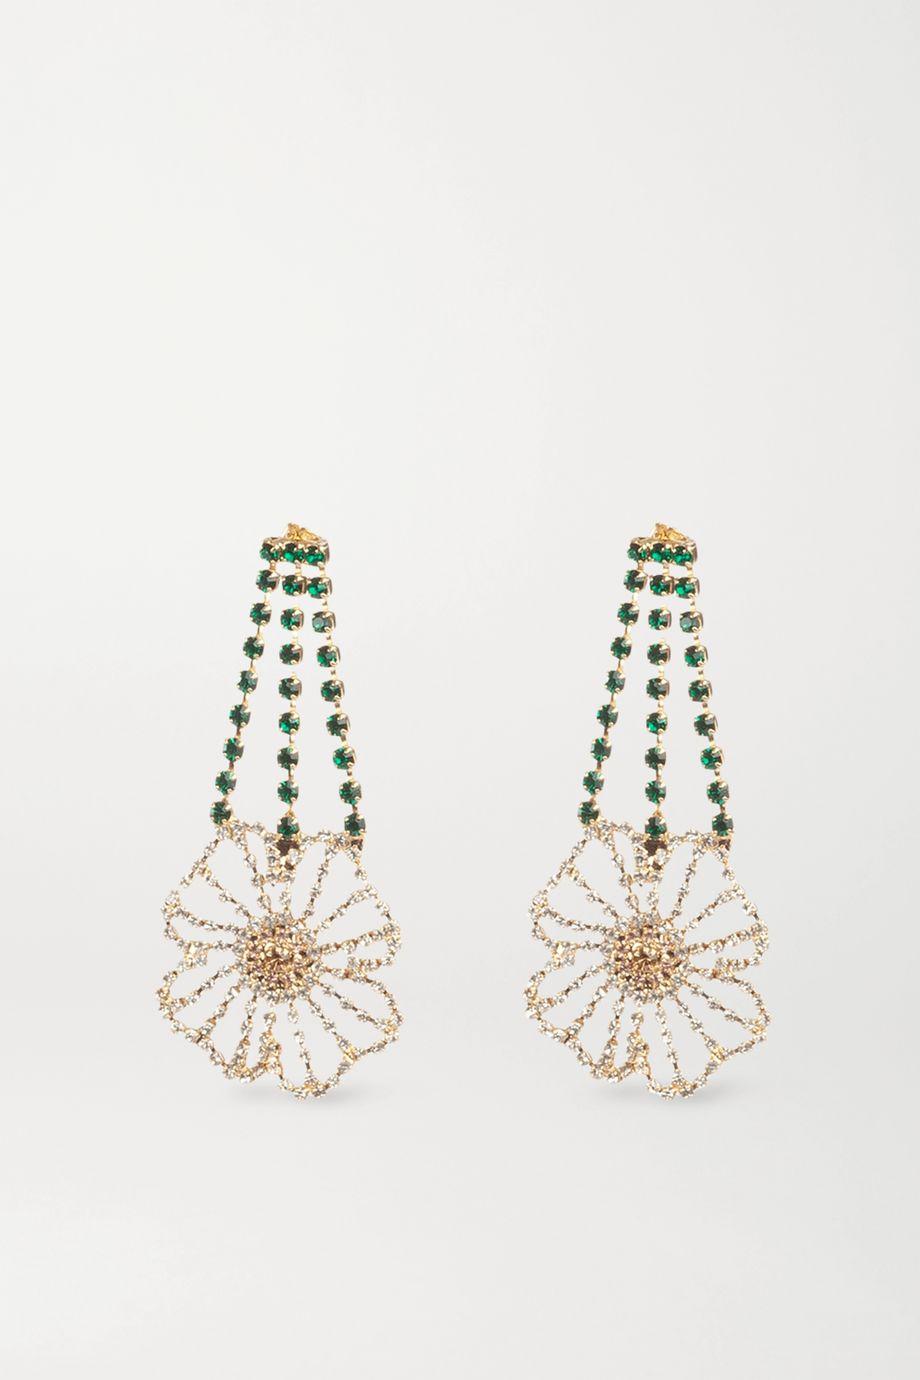 Rosantica Goldfarbene Ohrringe mit Kristallen